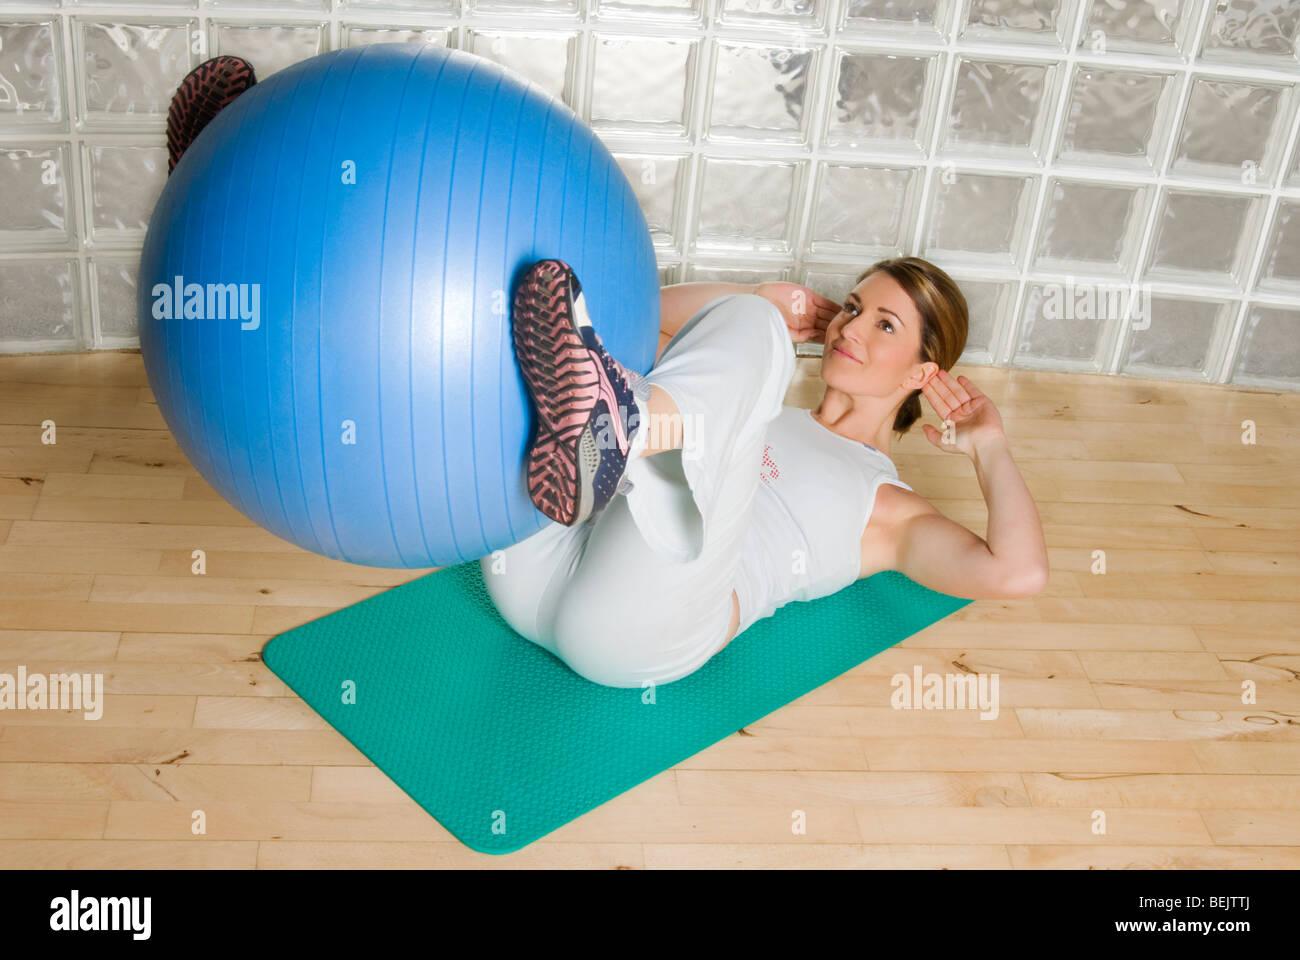 Frau mit Gymnastikball, Zug / in einer Turnhalle trainieren Stockbild